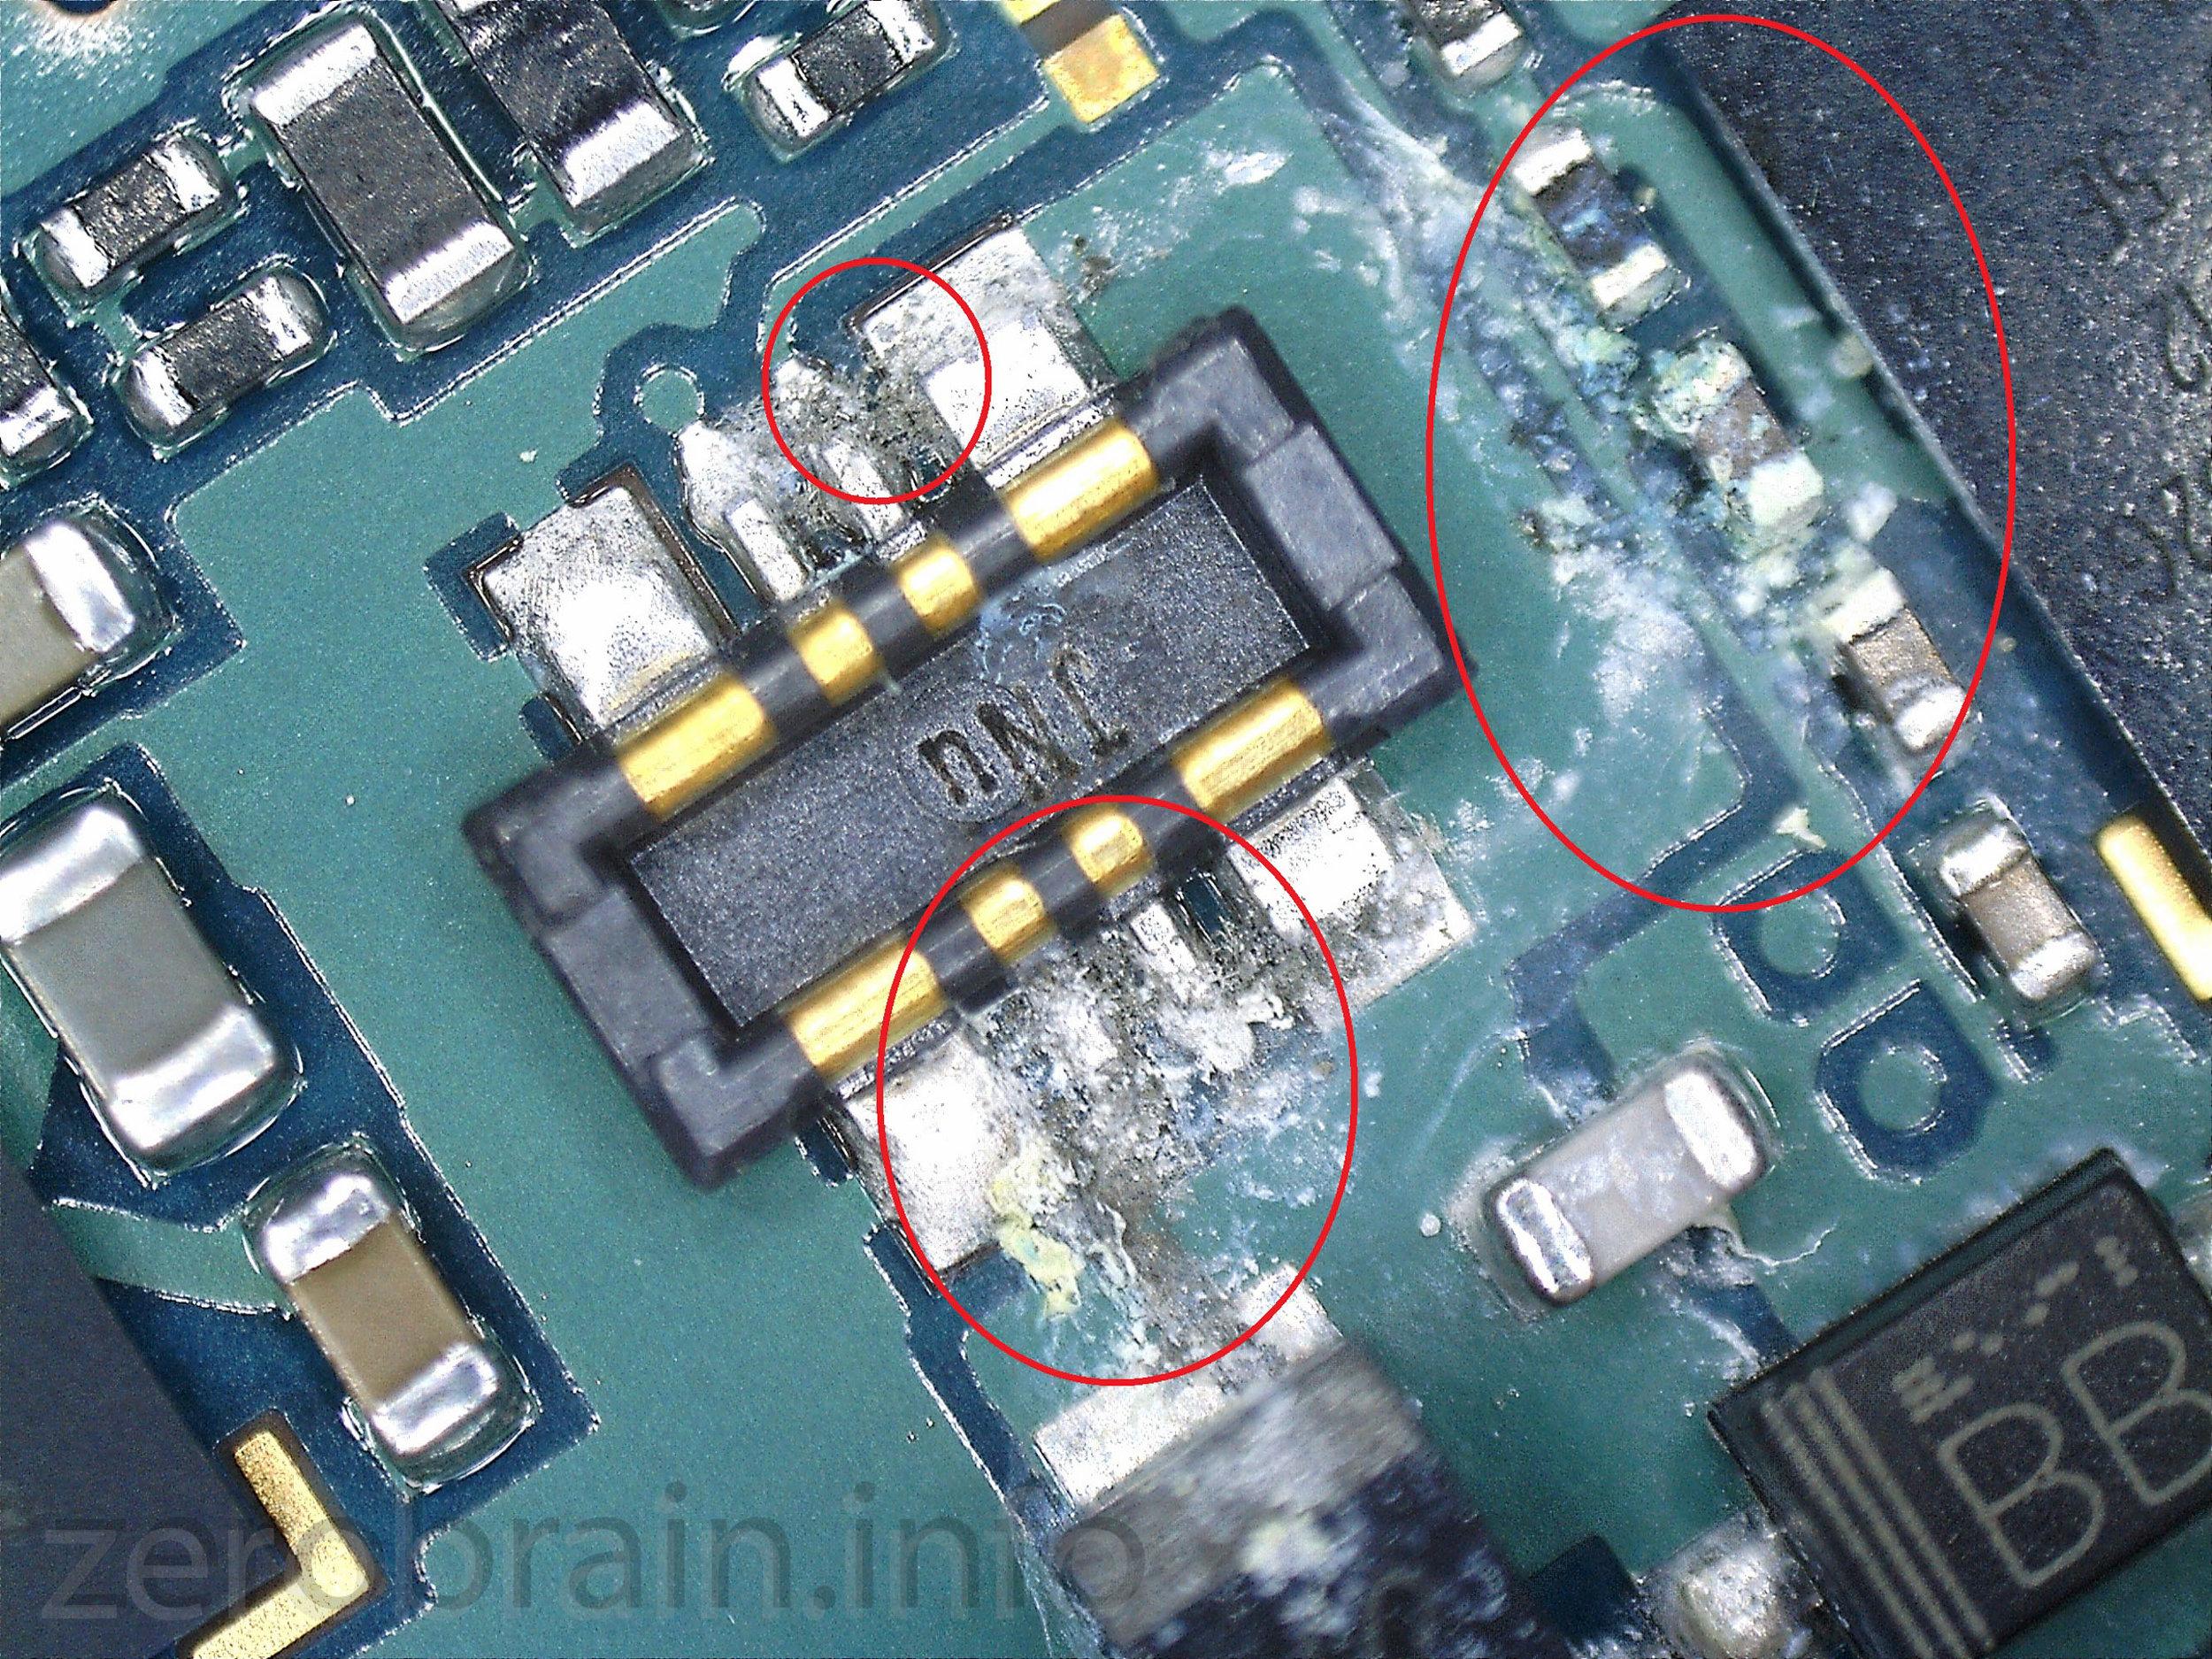 Samsung Galaxy S6 Edge mit Wasserschaden am Akkustecker